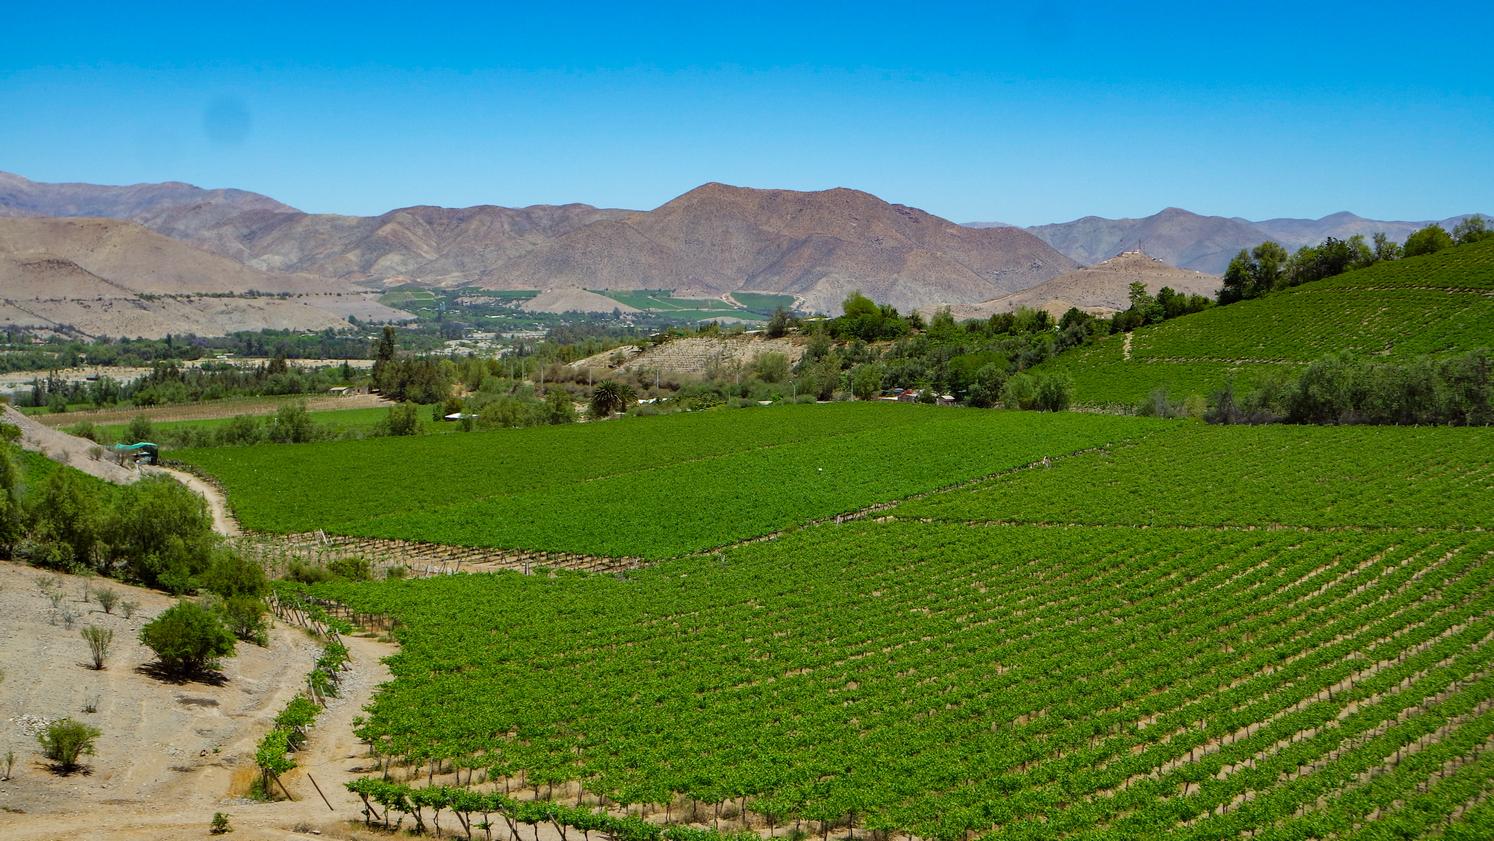 Venta de fundo 36 hectáreas, comuna de Vicuña, valle de Elqui